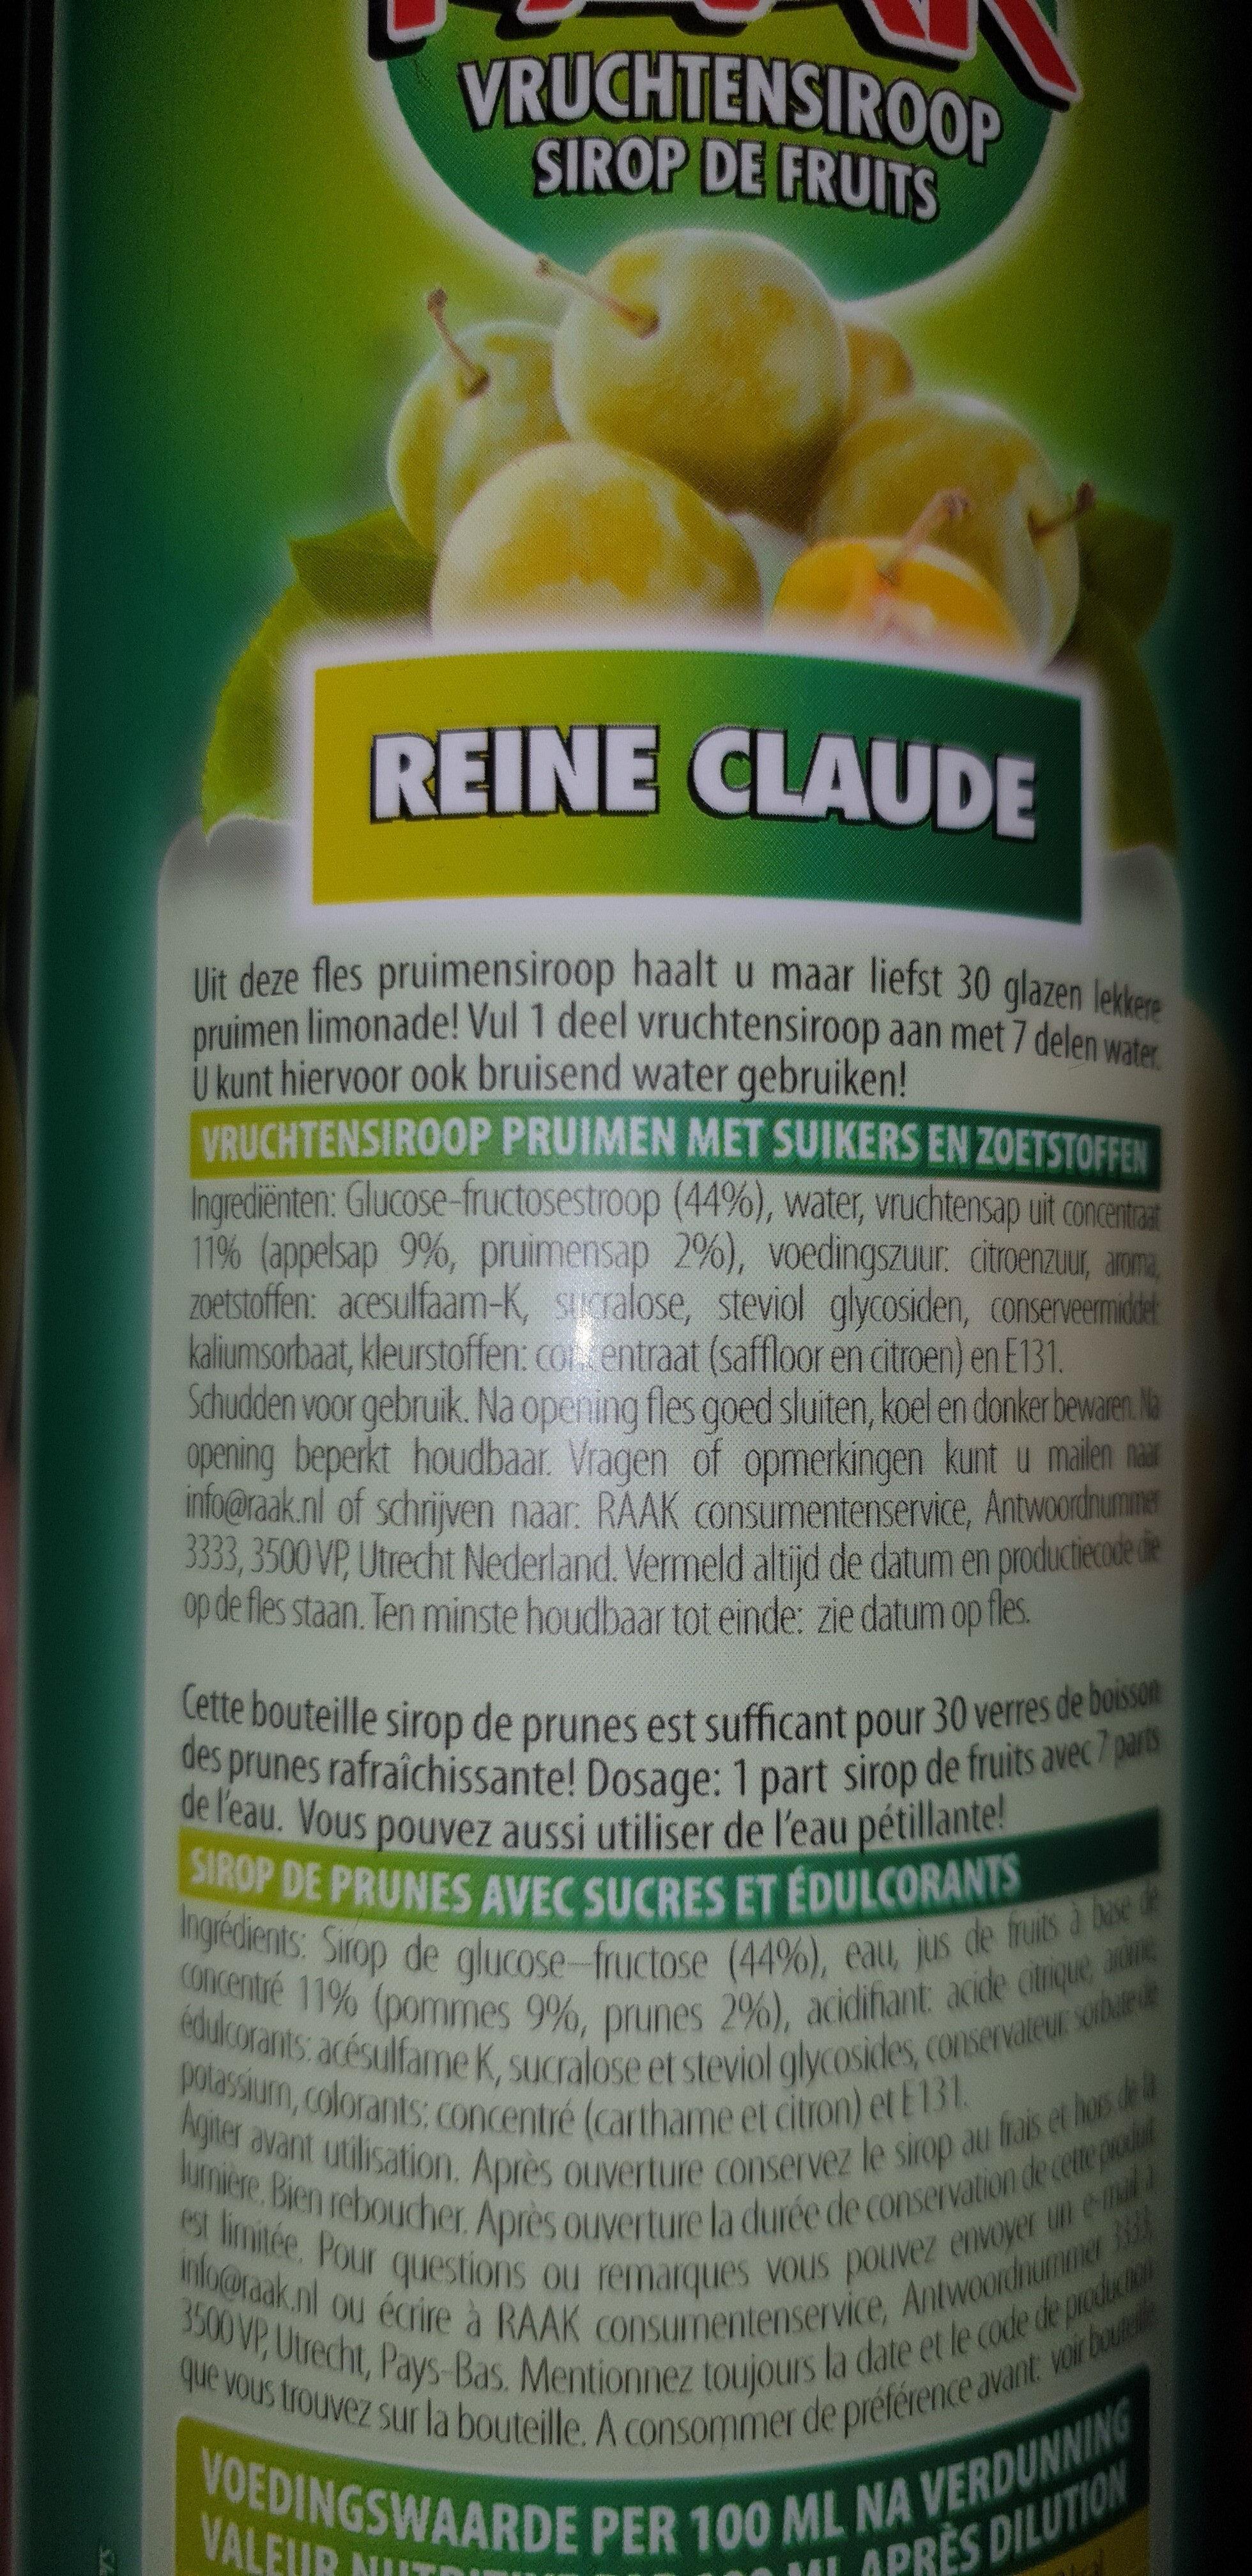 Raak Vruchtensiroop Reine Claude - Ingrédients